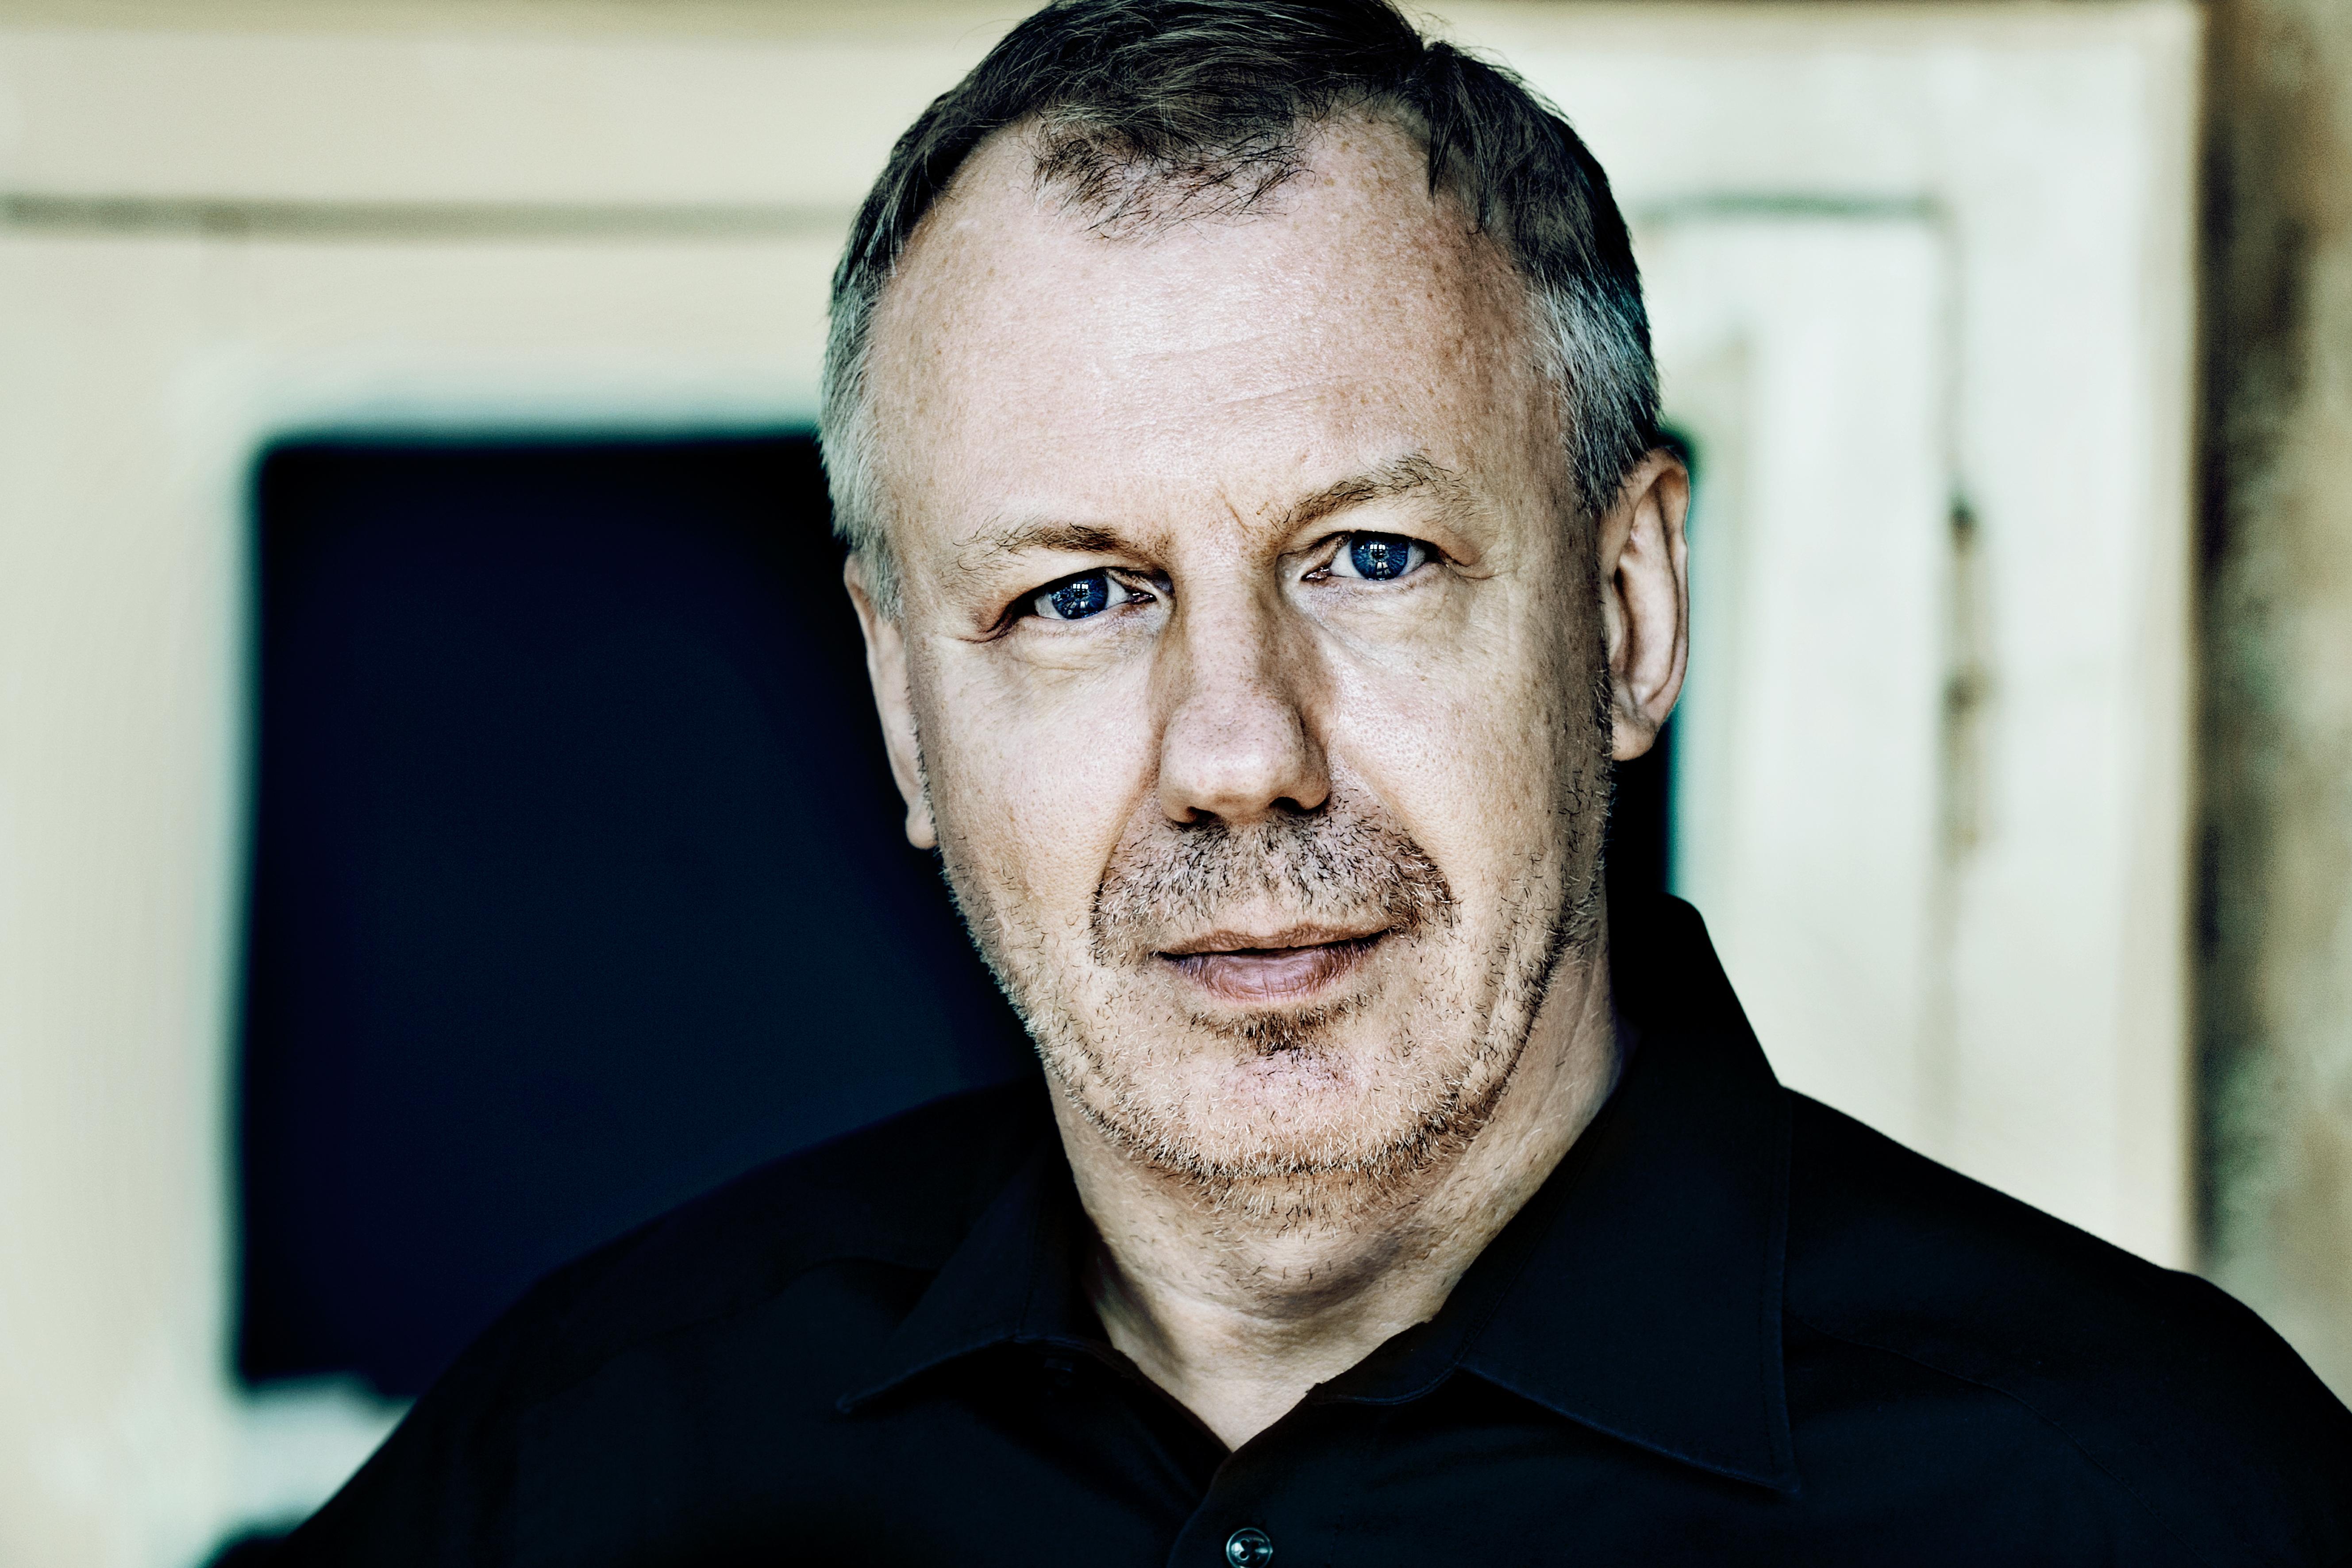 Magazin: Schauspieler Luger Pistor im Gespräch